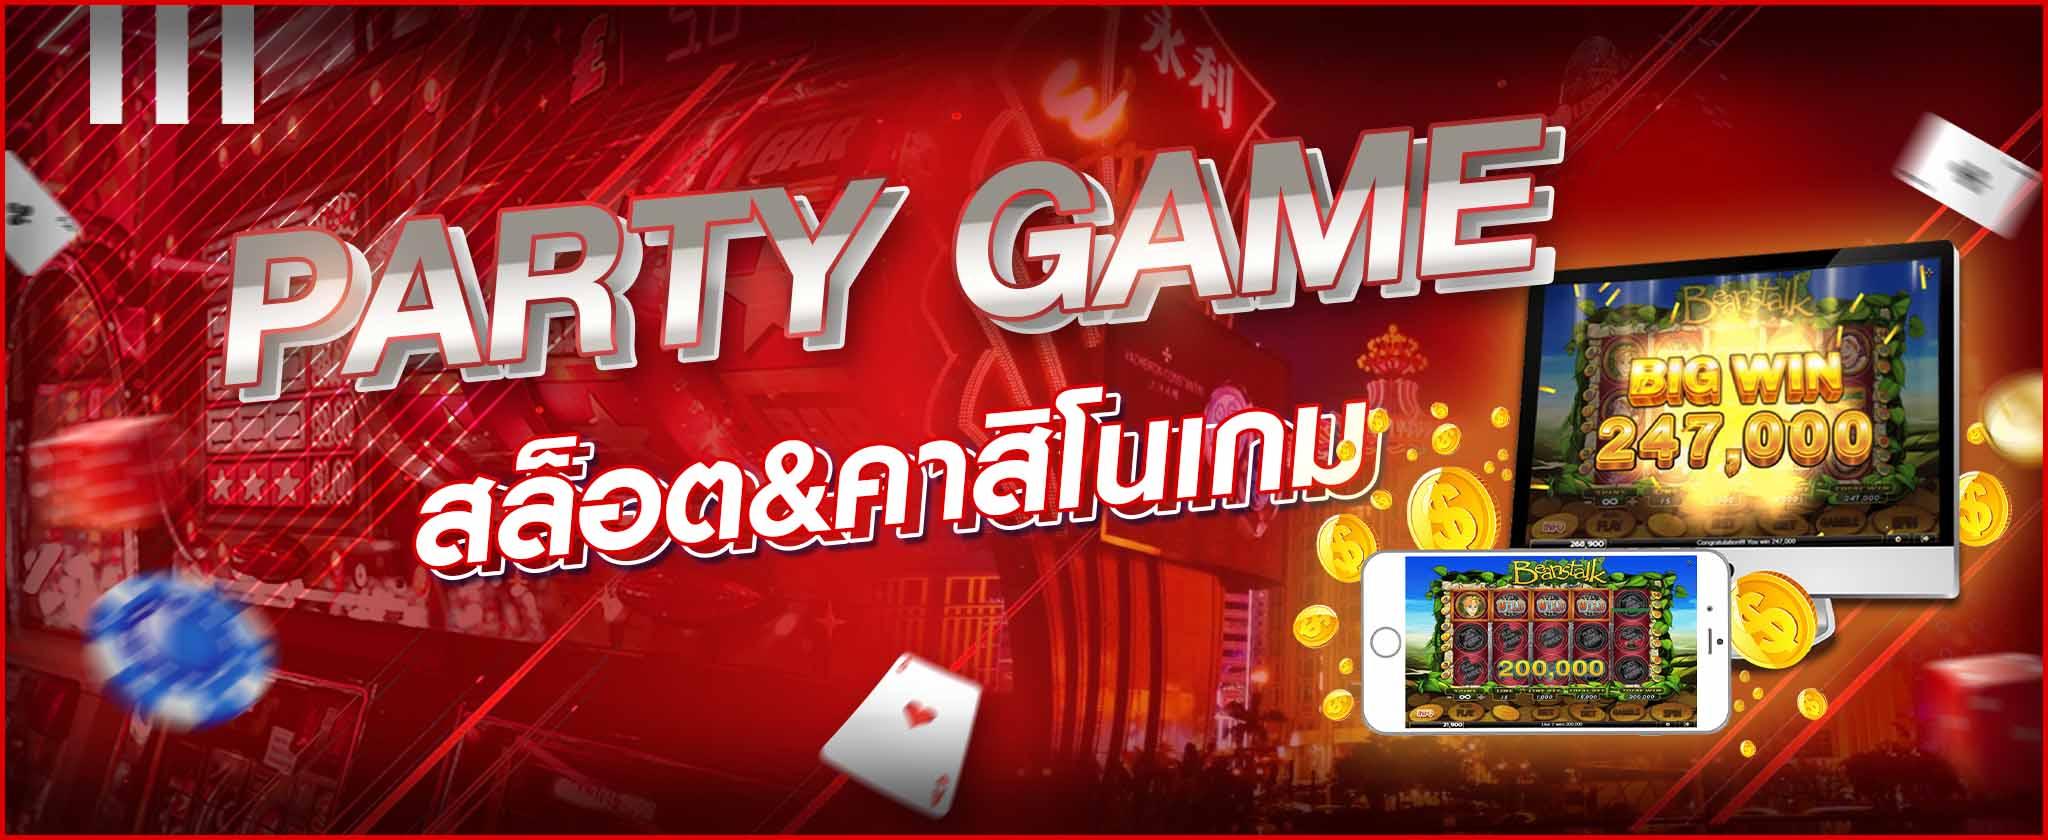 แนะนำเกมสล็อตและคาสิโนจากค่าย Party Game